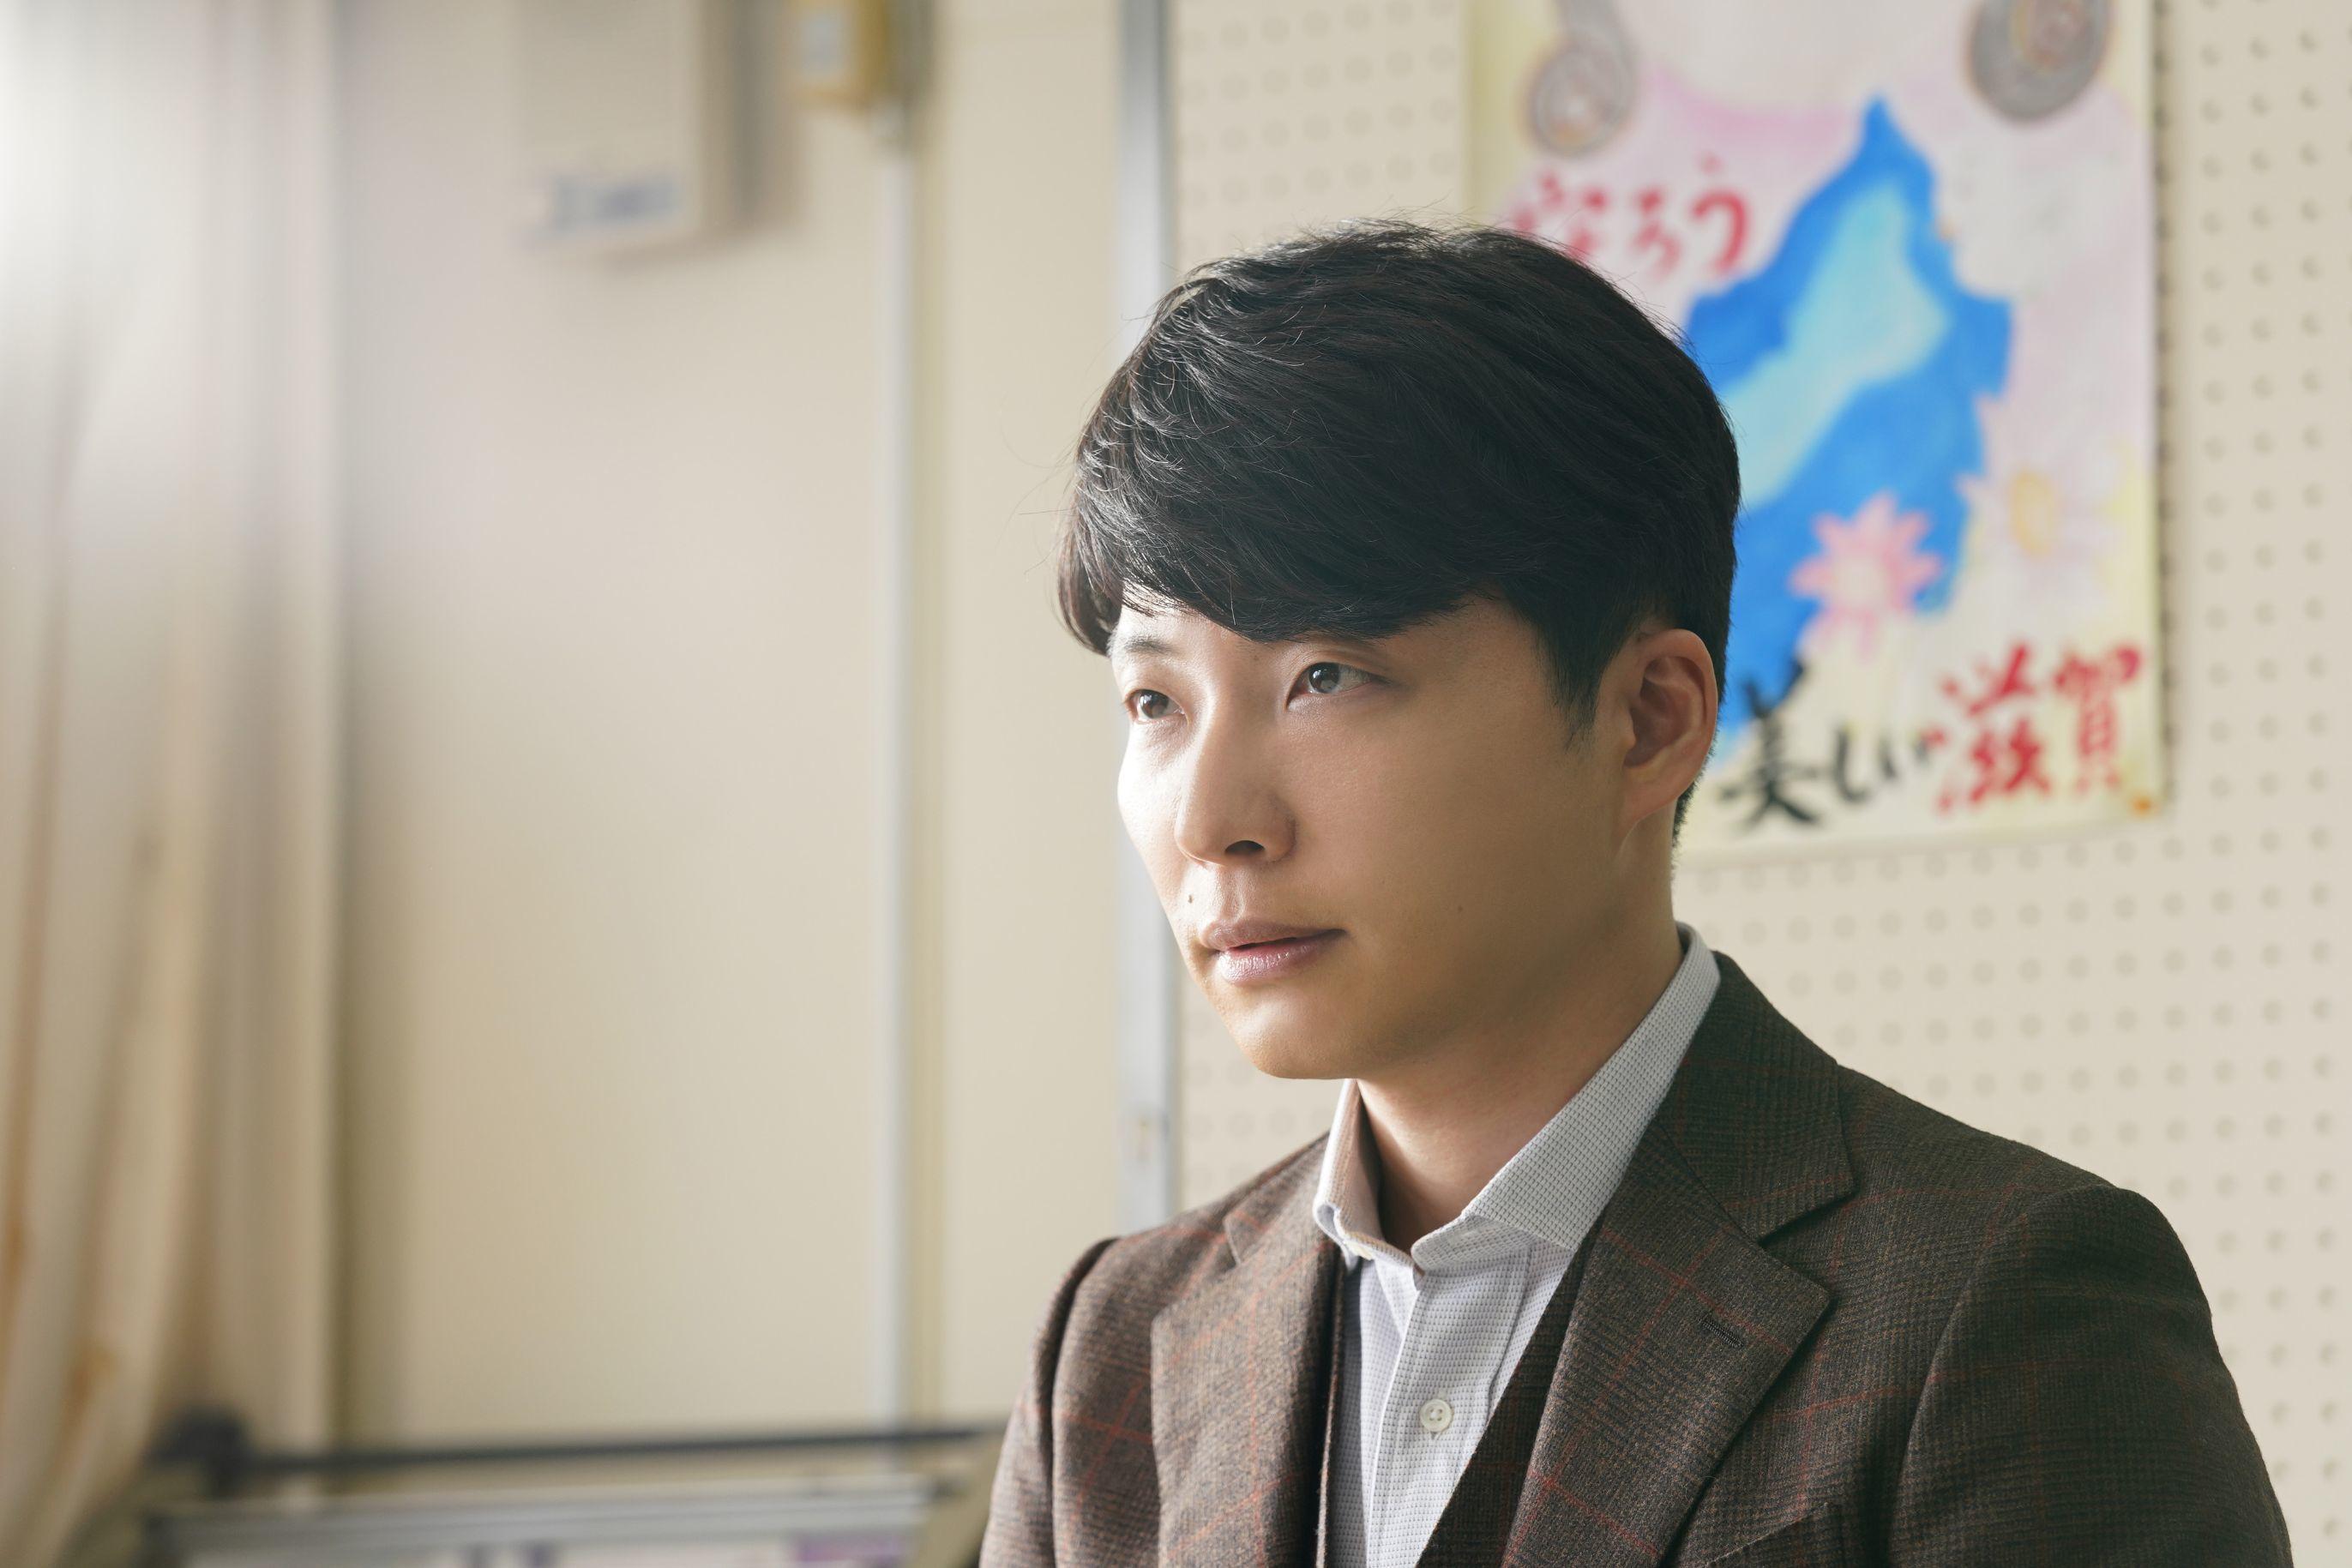 星野源 (C)2020 映画「罪の声」製作委員会